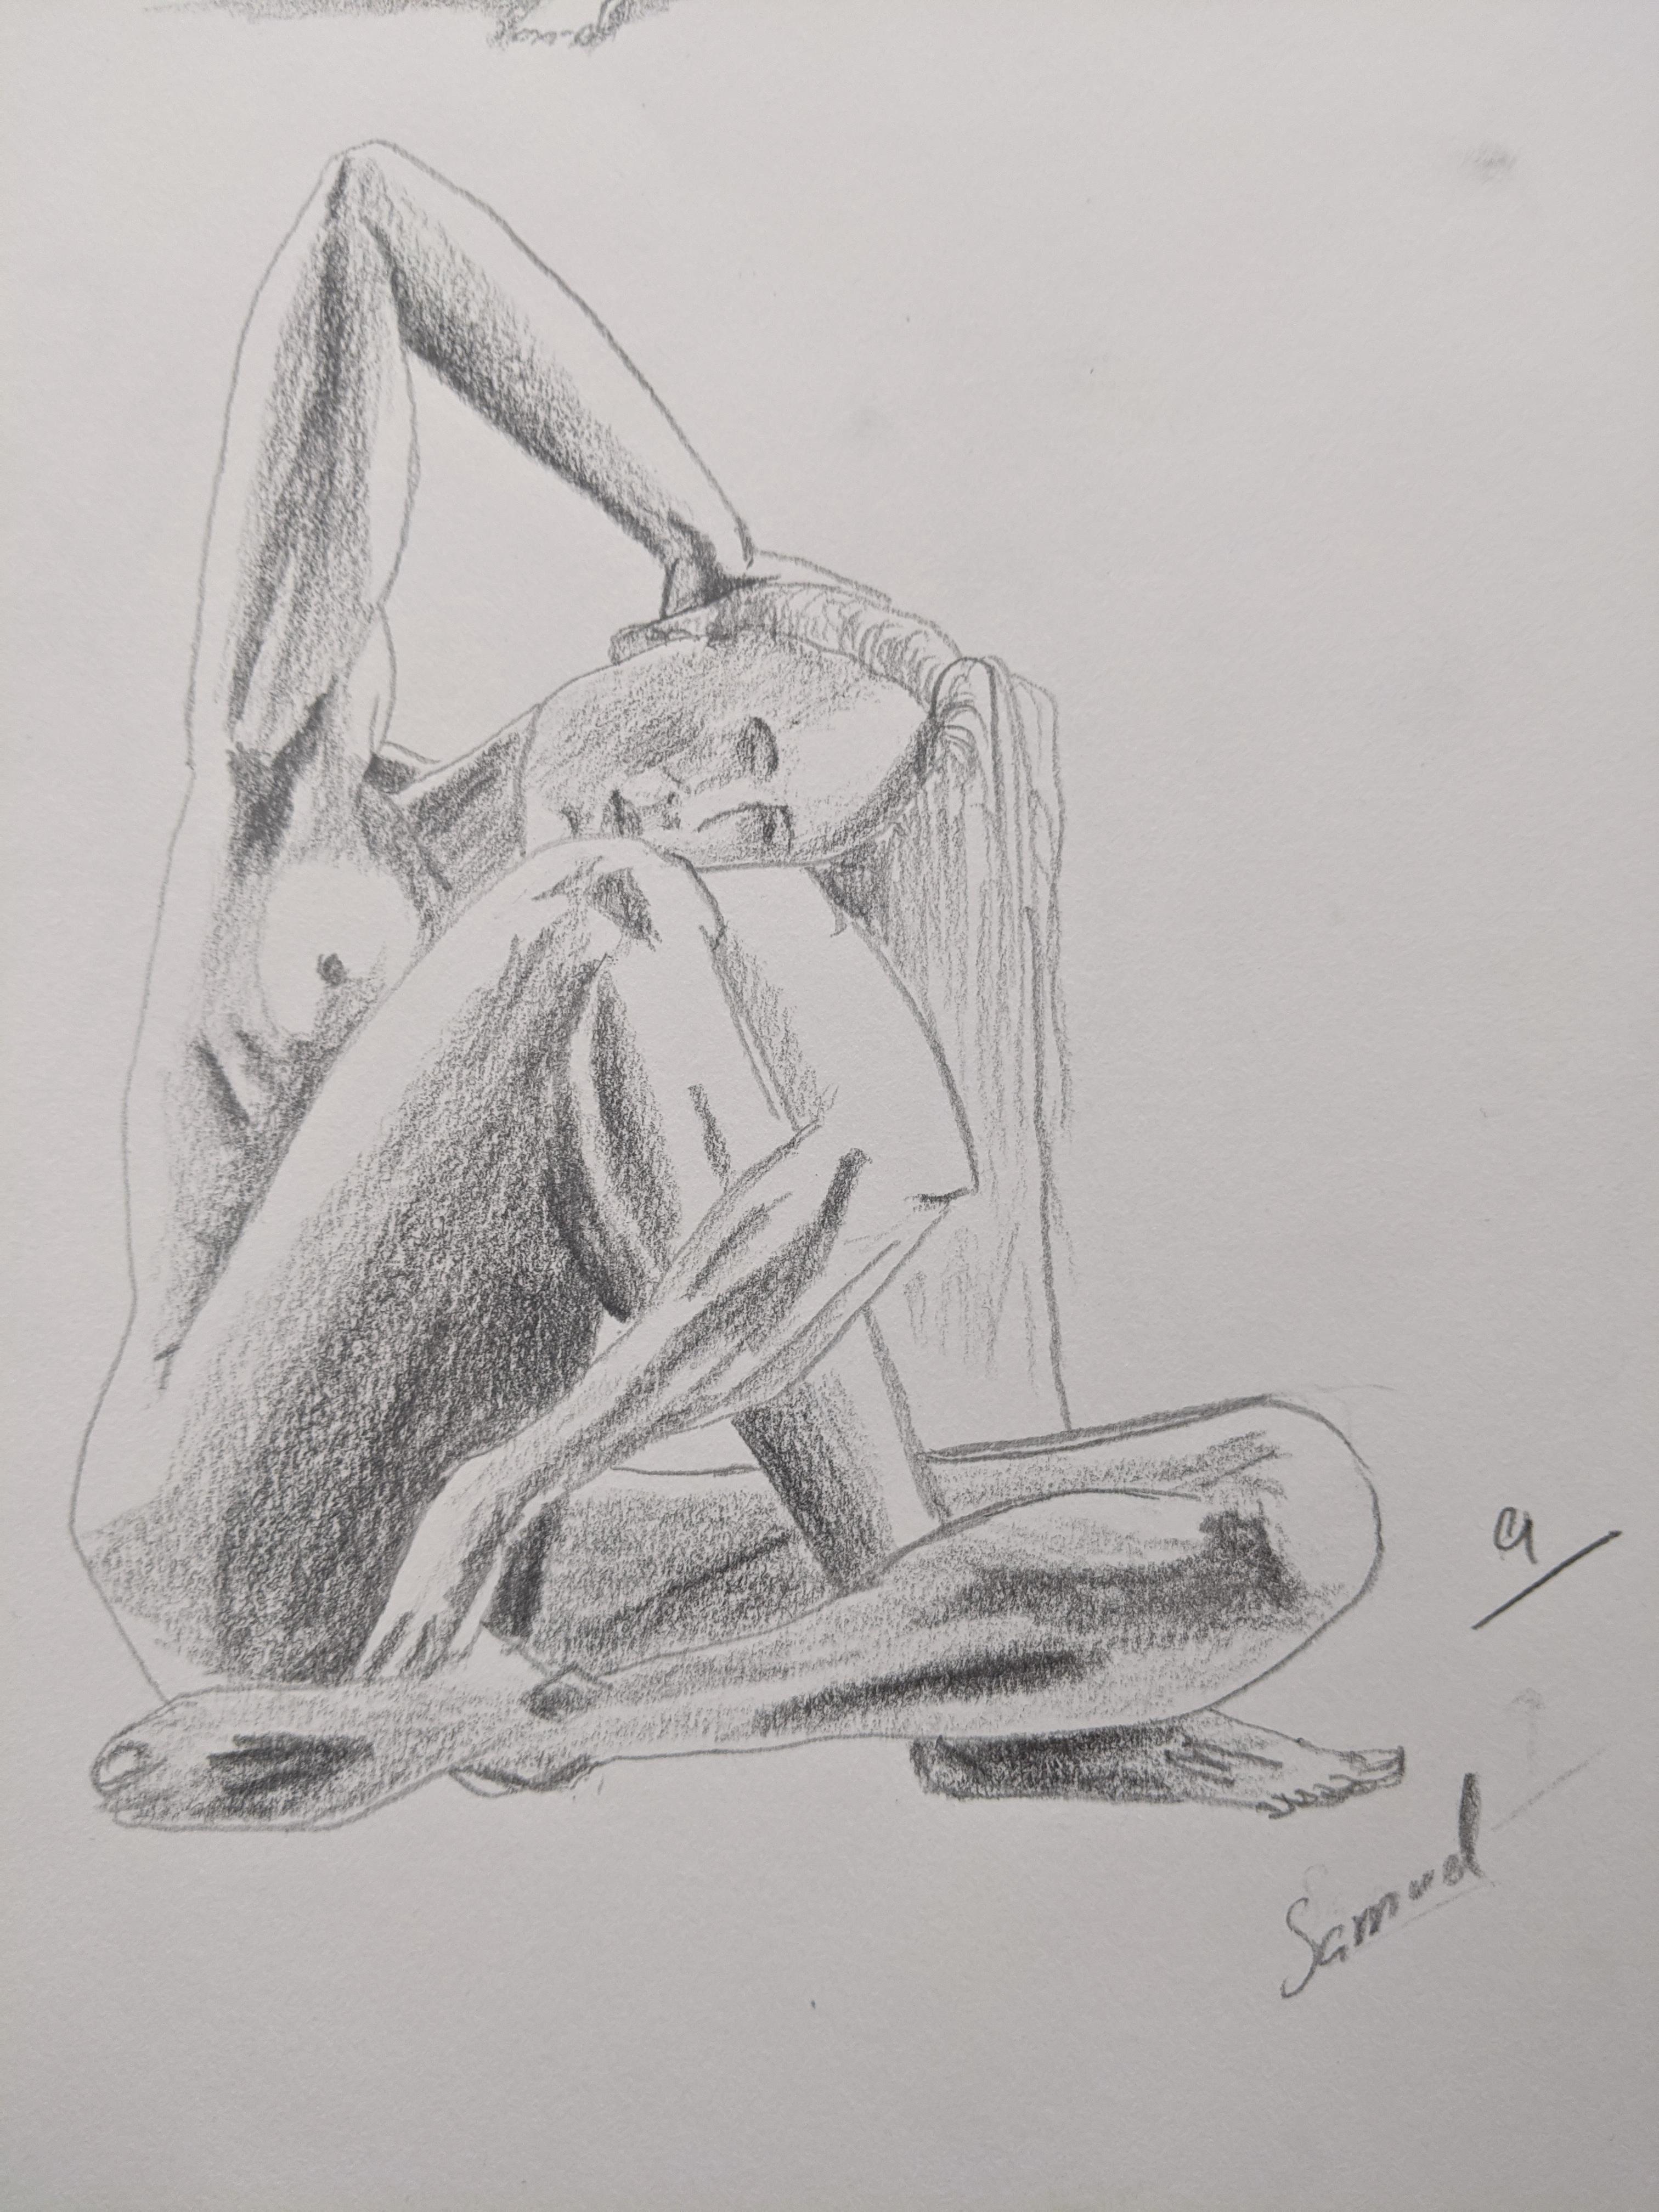 Dessin crayon papier en valeur mod�le assis  cours de dessin